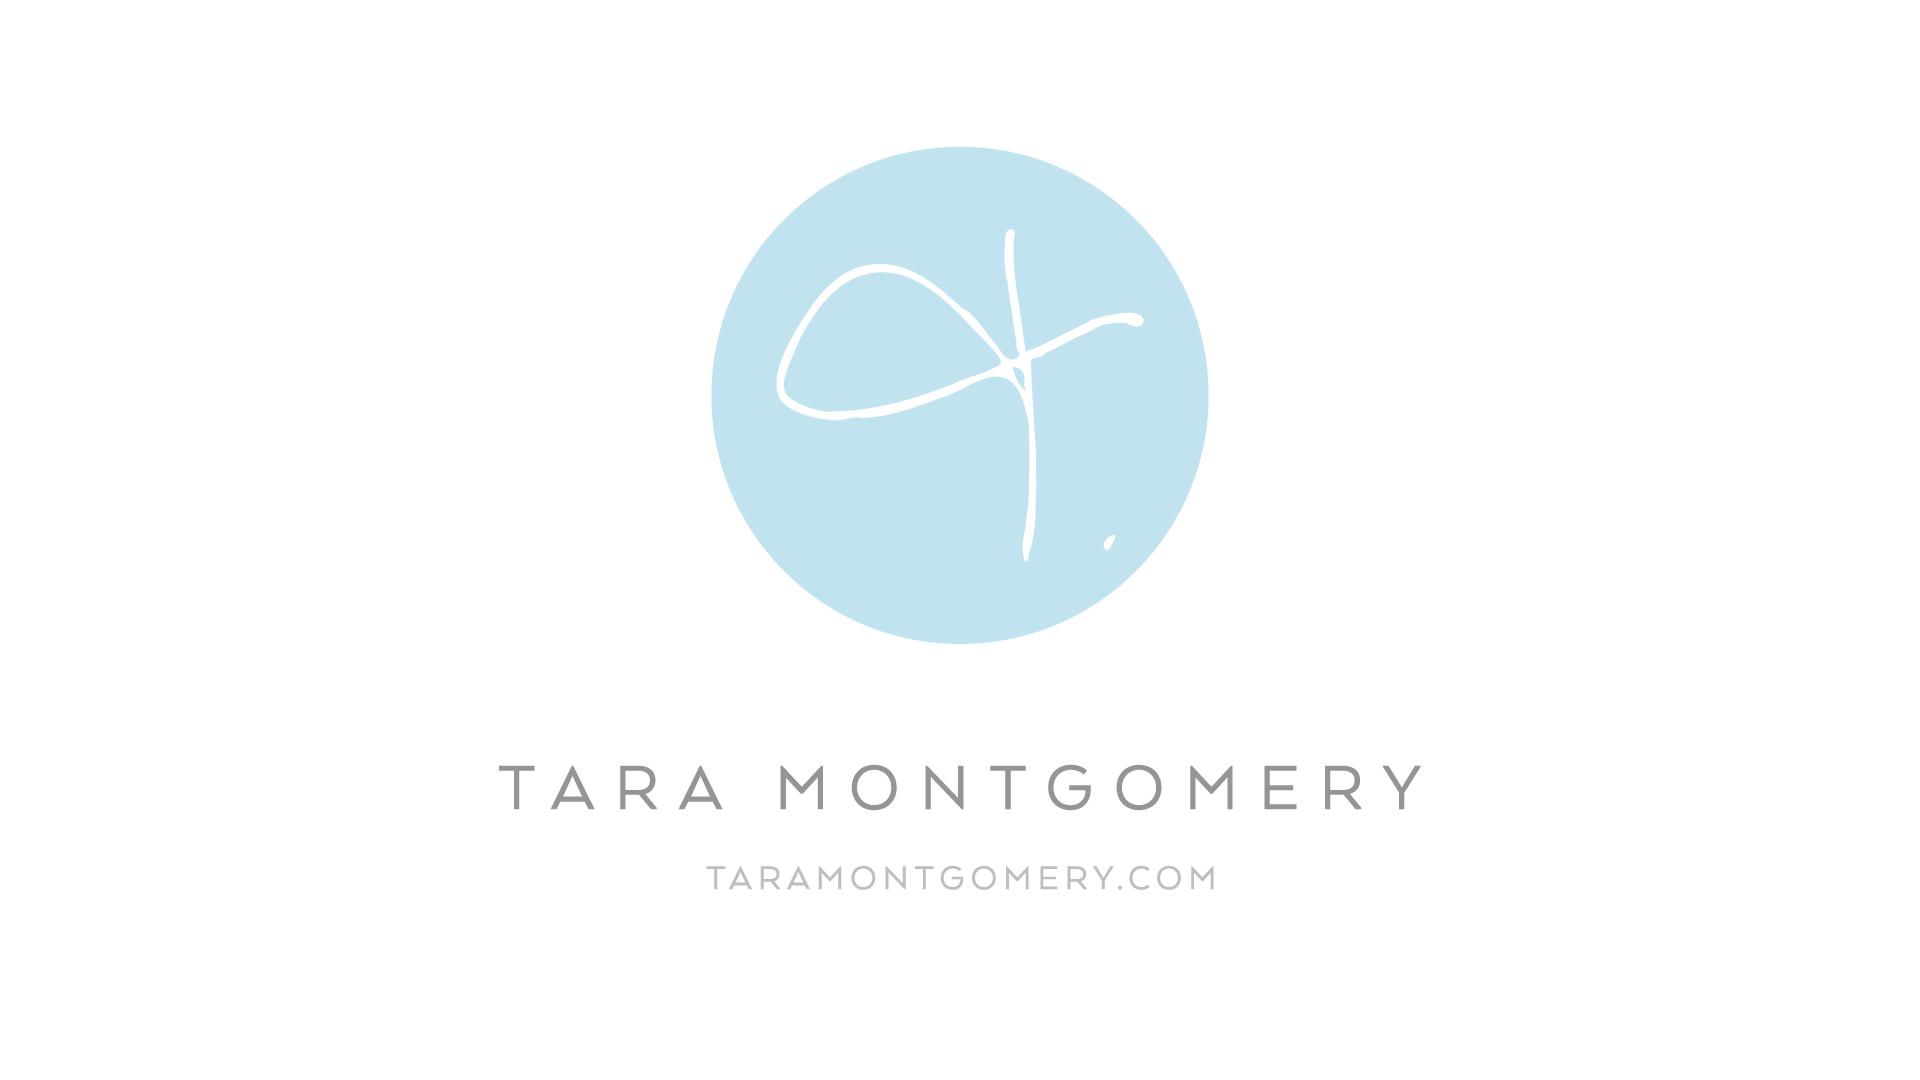 Tara Montgomery